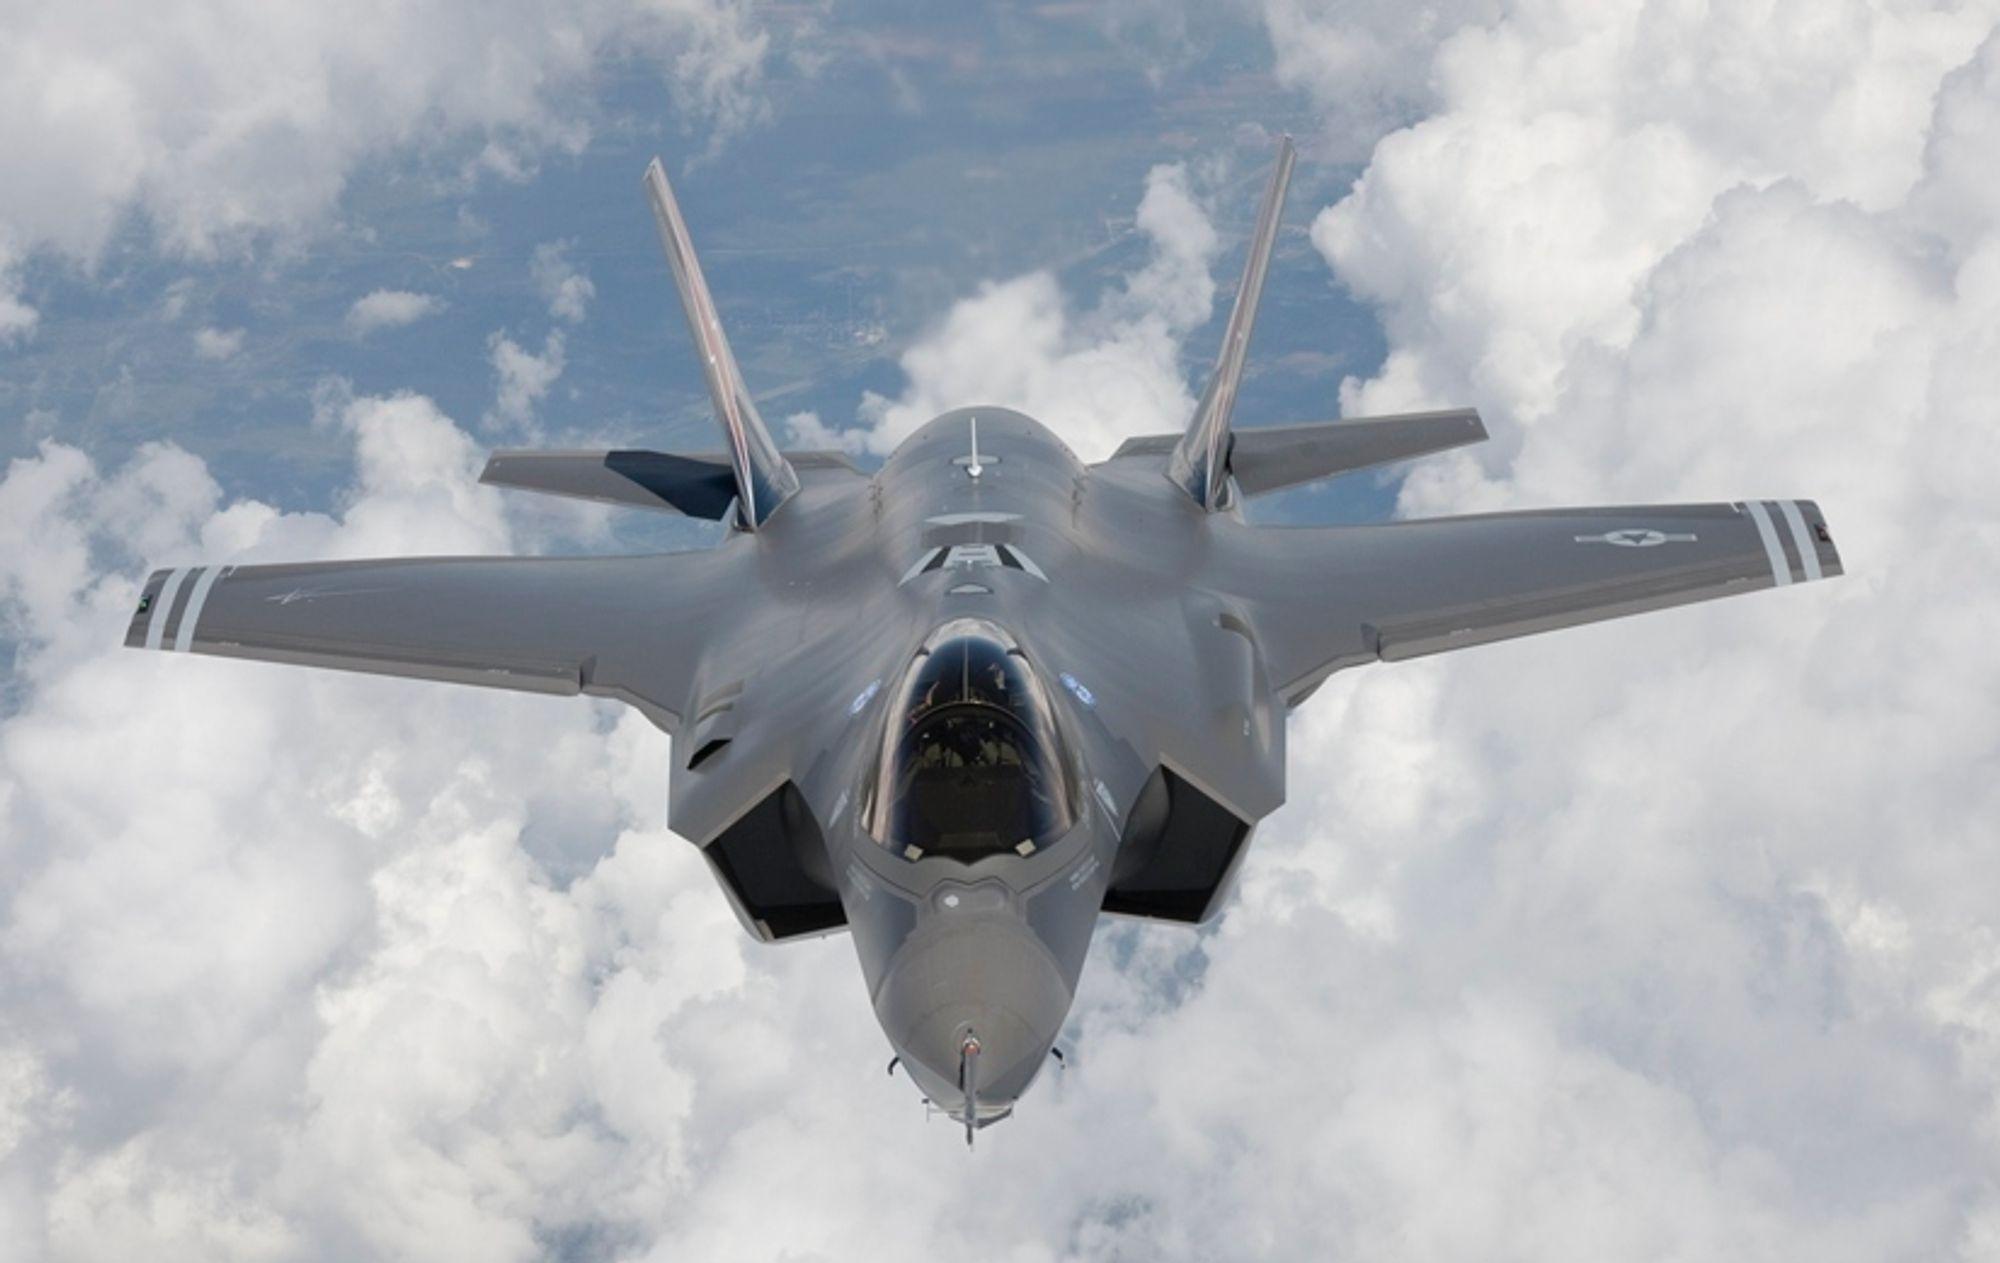 Flere partier mener det er nødvendig med en kritisk gjennomgang av tallmaterialene i kampflykjøpet.